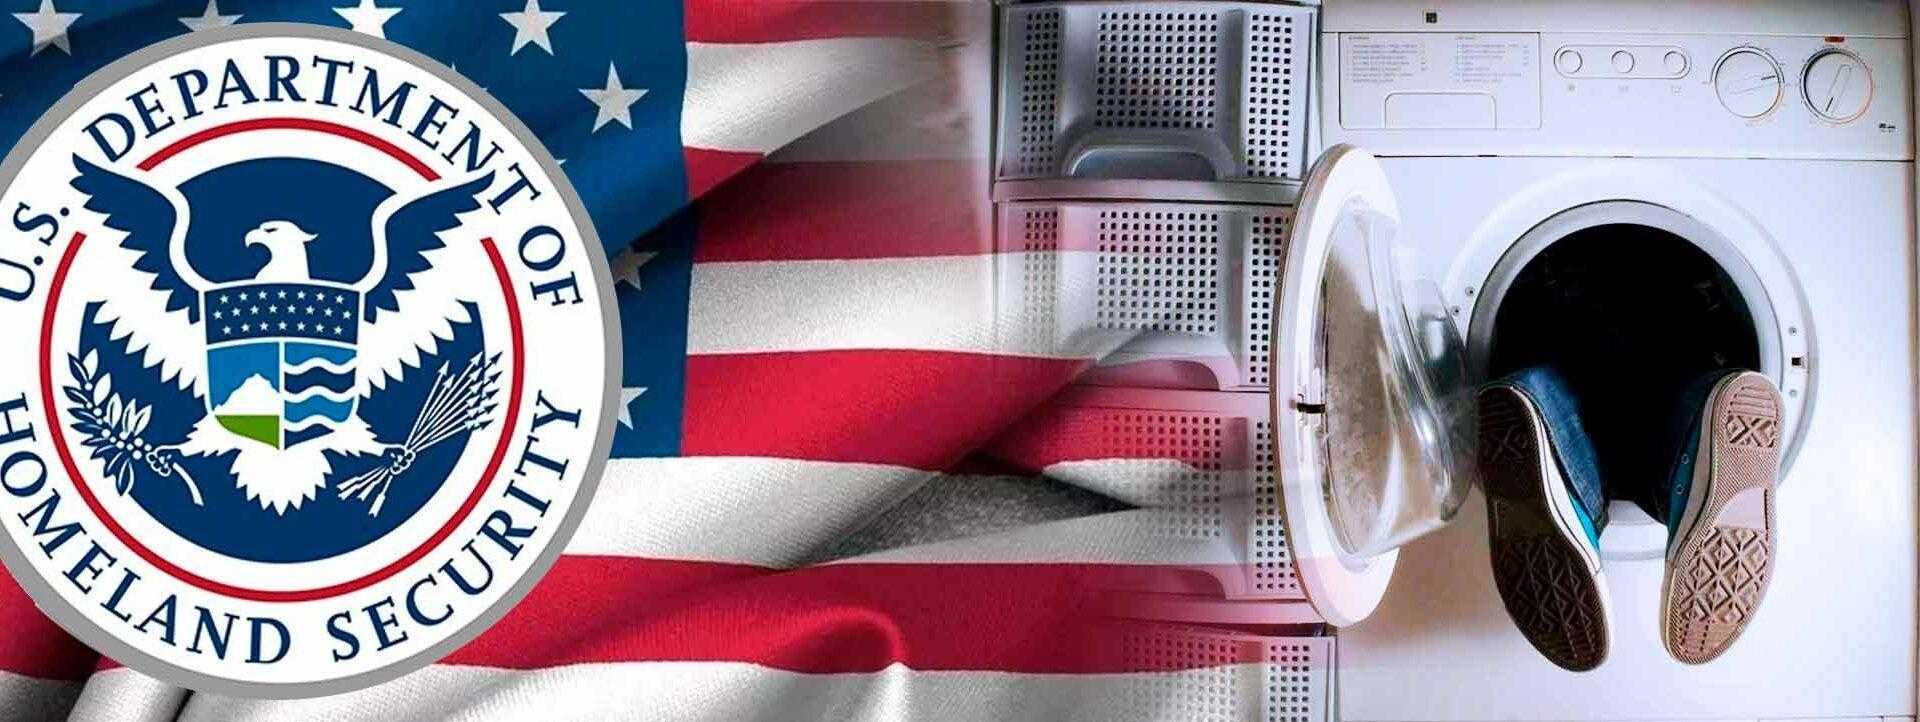 Пограничная служба США задержала нелегалов